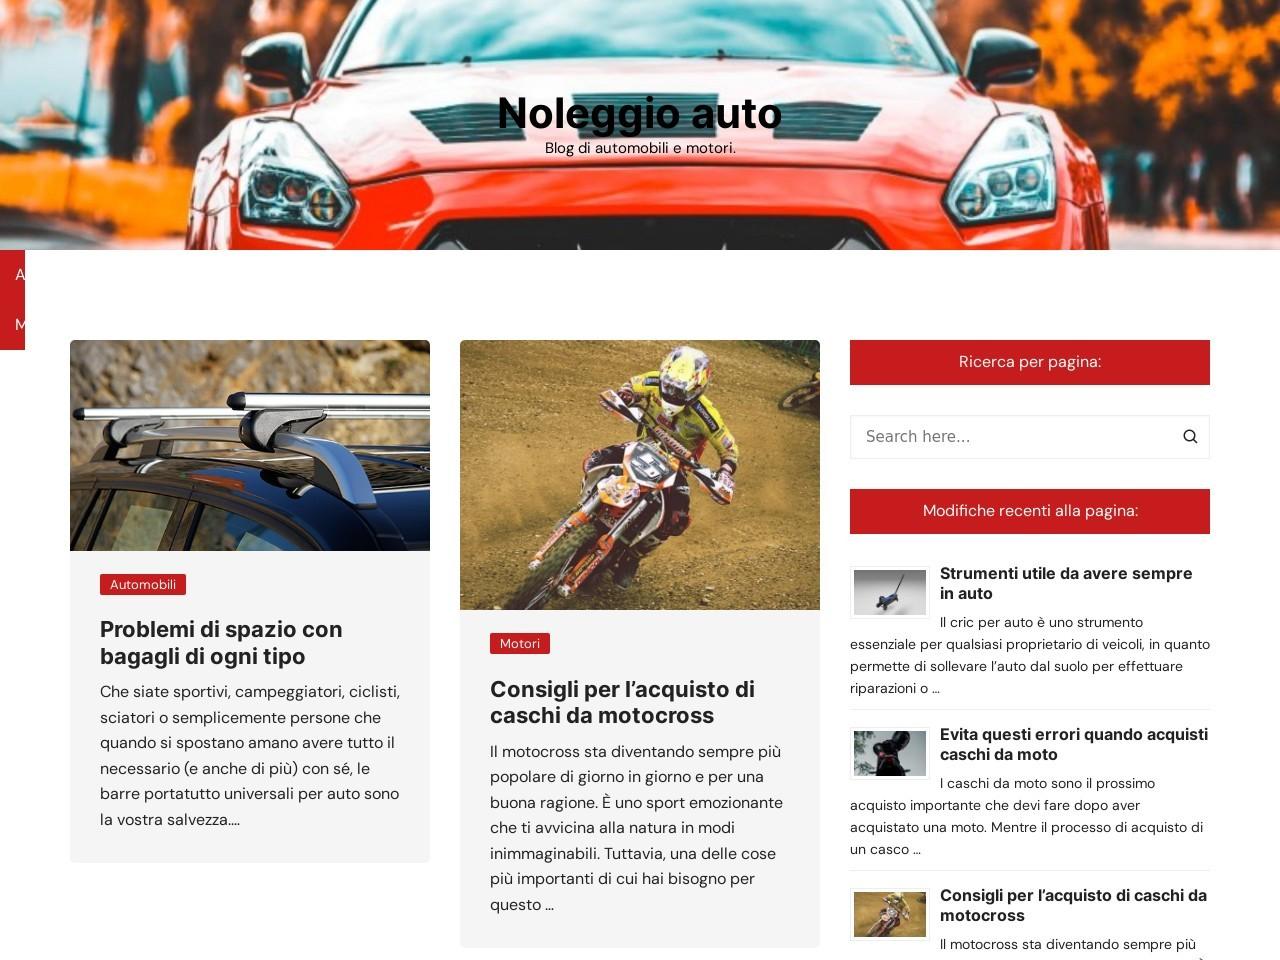 noleggio-auto-blog-di-automobili-e-motori